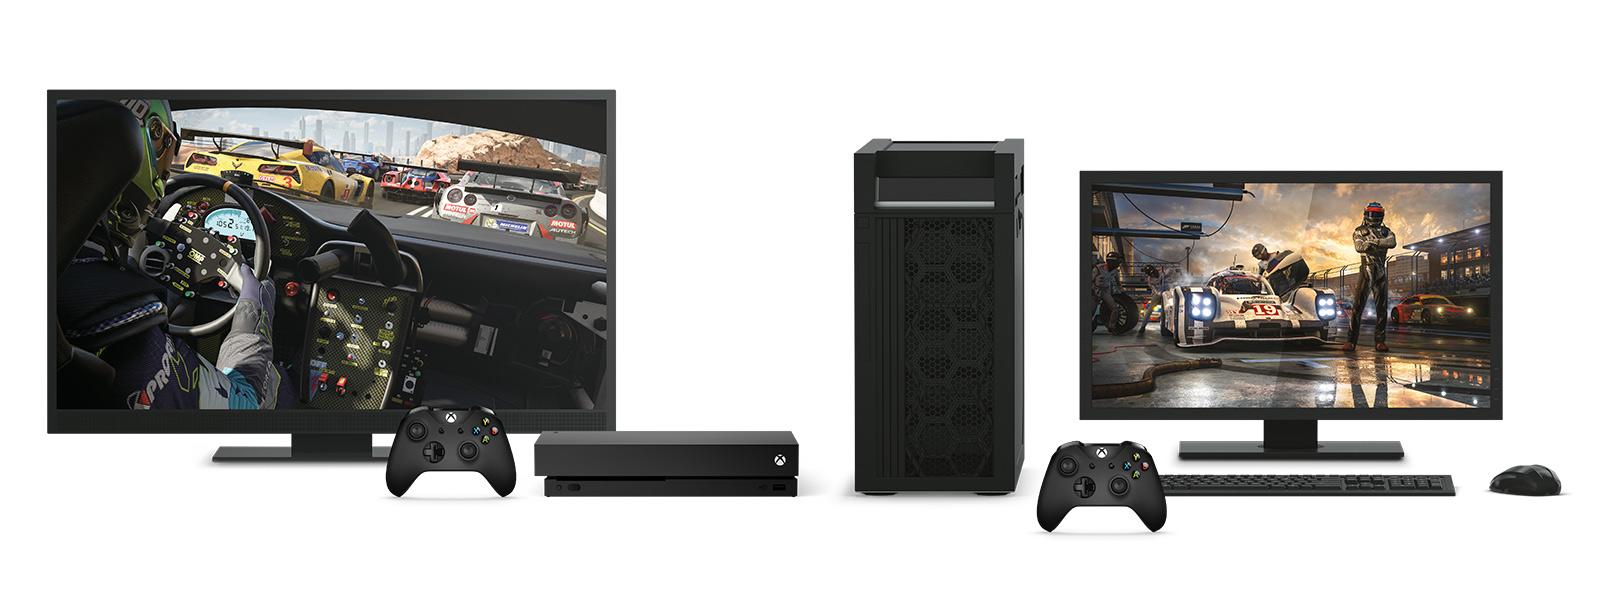 Xbox One X e um dispositivo desktop 4K com o Forza Motorsport 7 em uma TV e uma tela de computador